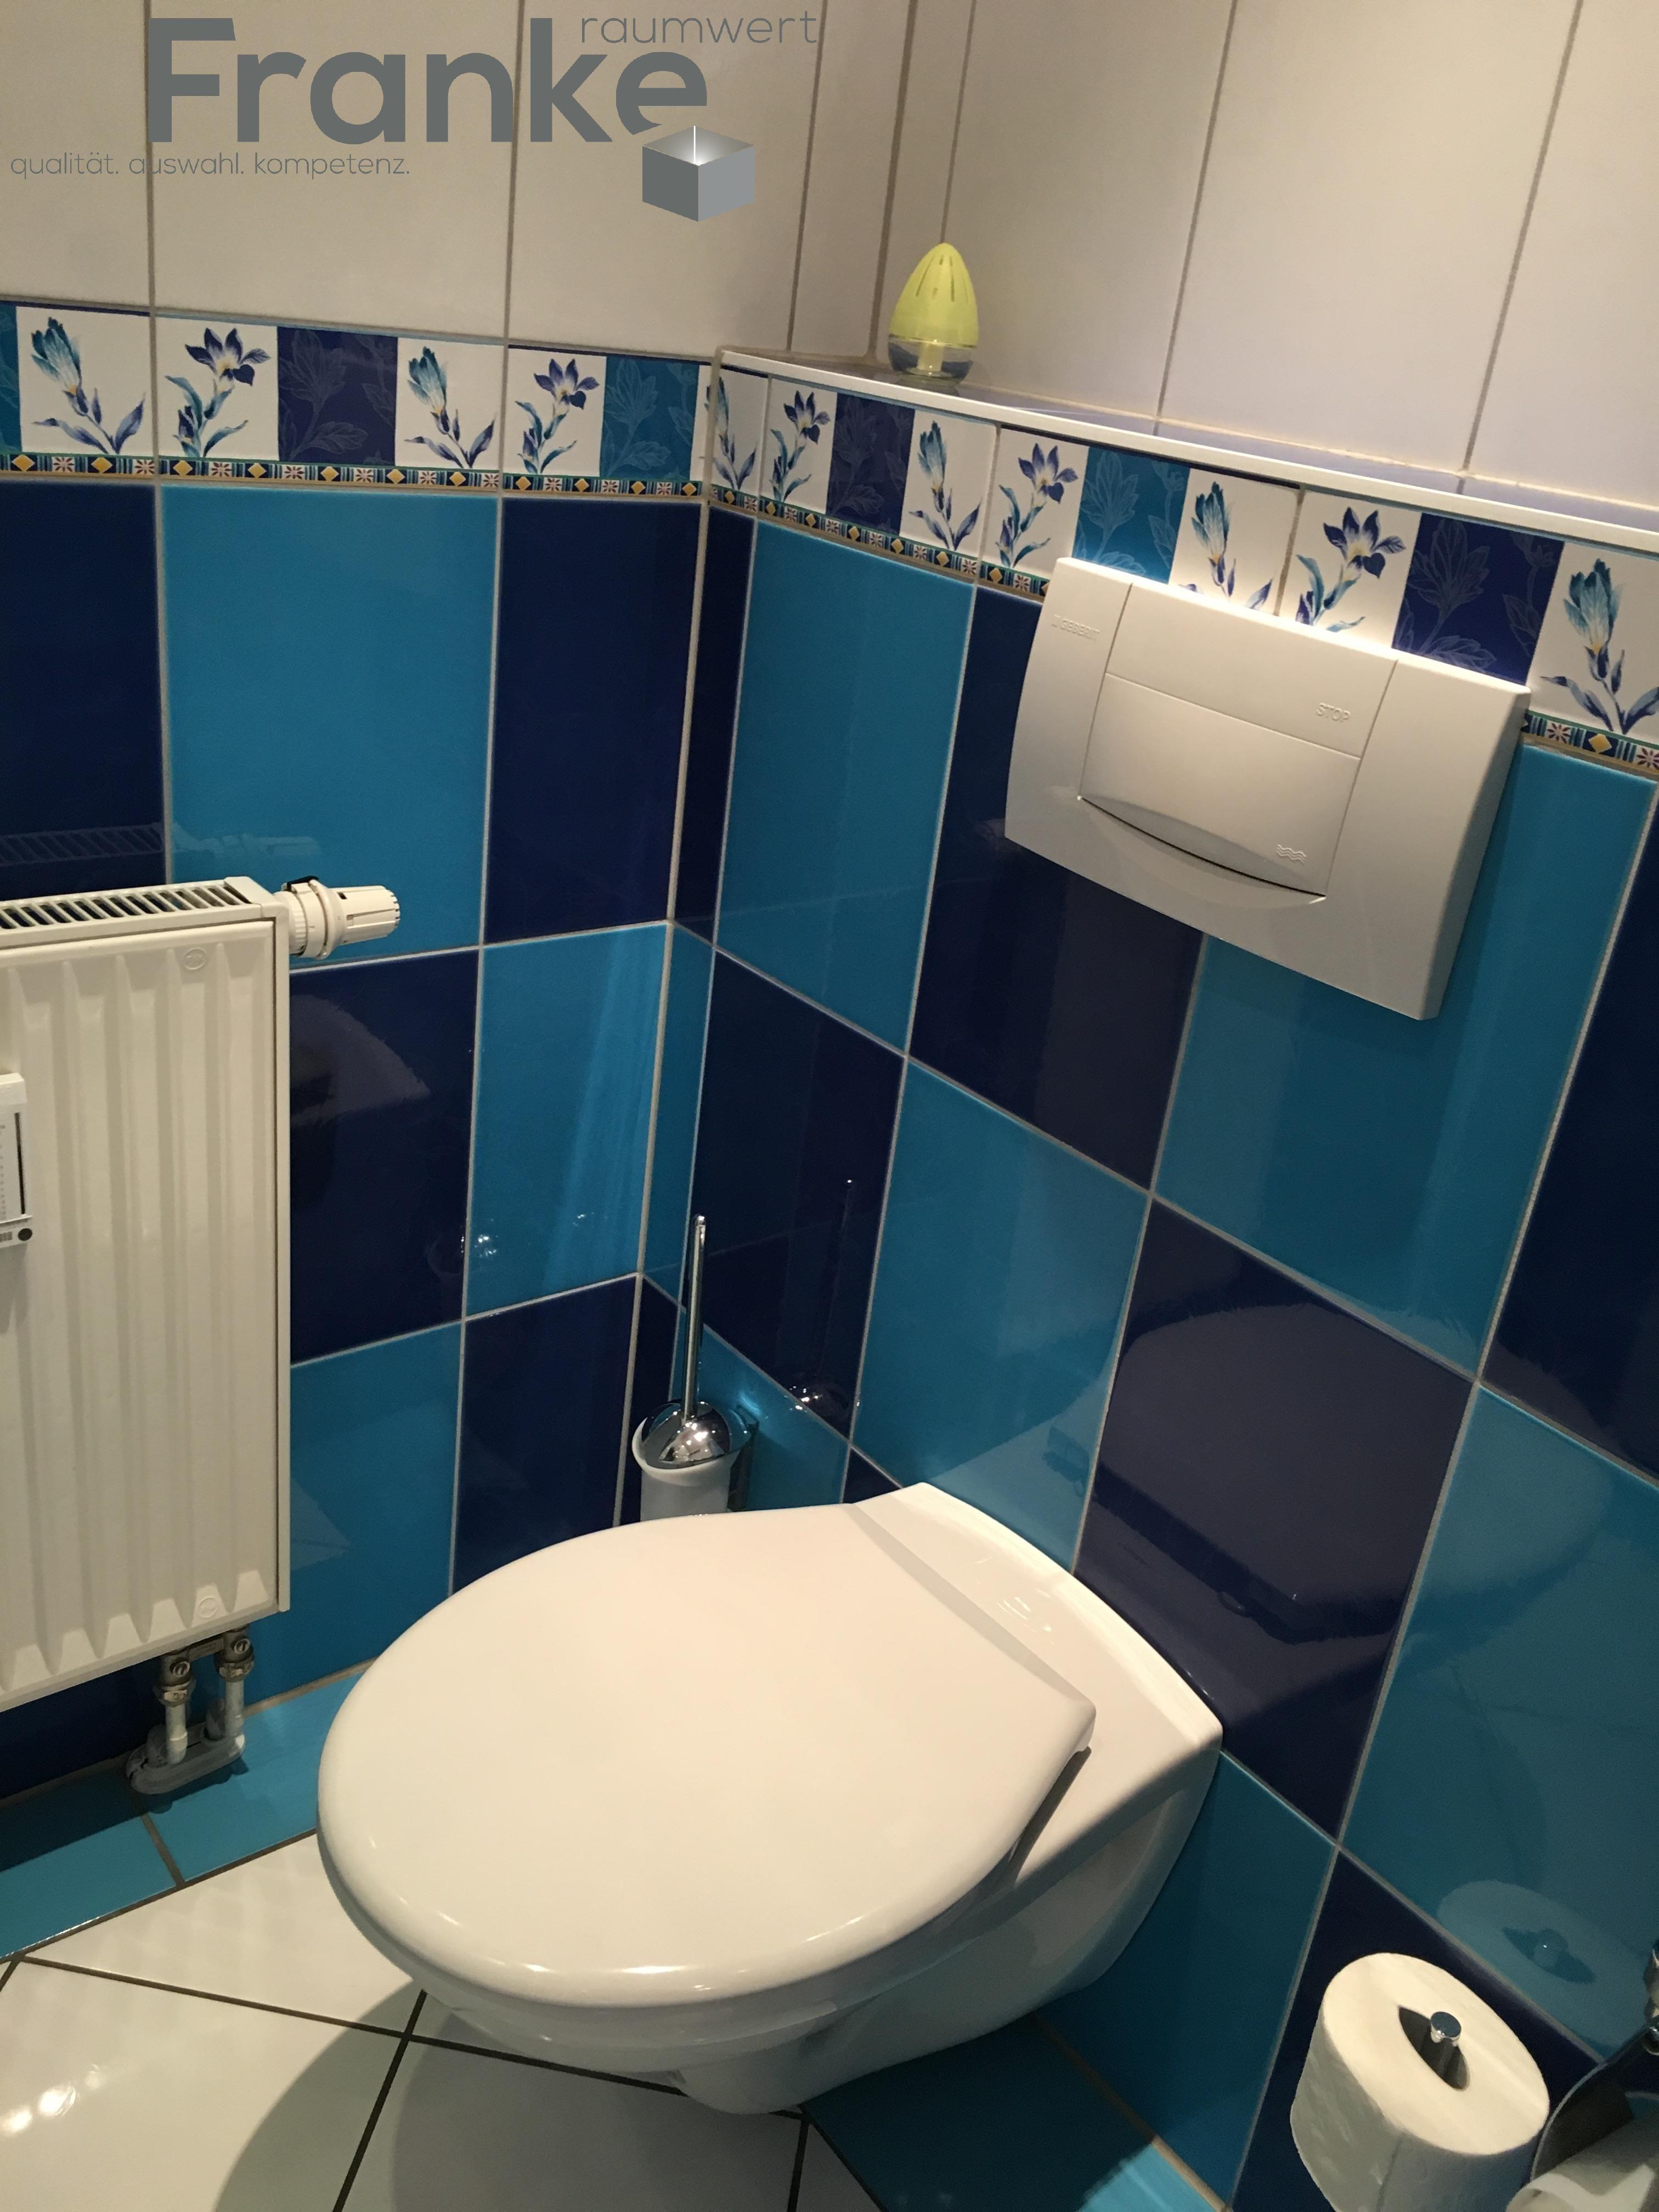 Pin von Franke Raumwert auf Ideen für Bad, Dusche und WC | Pinterest ...